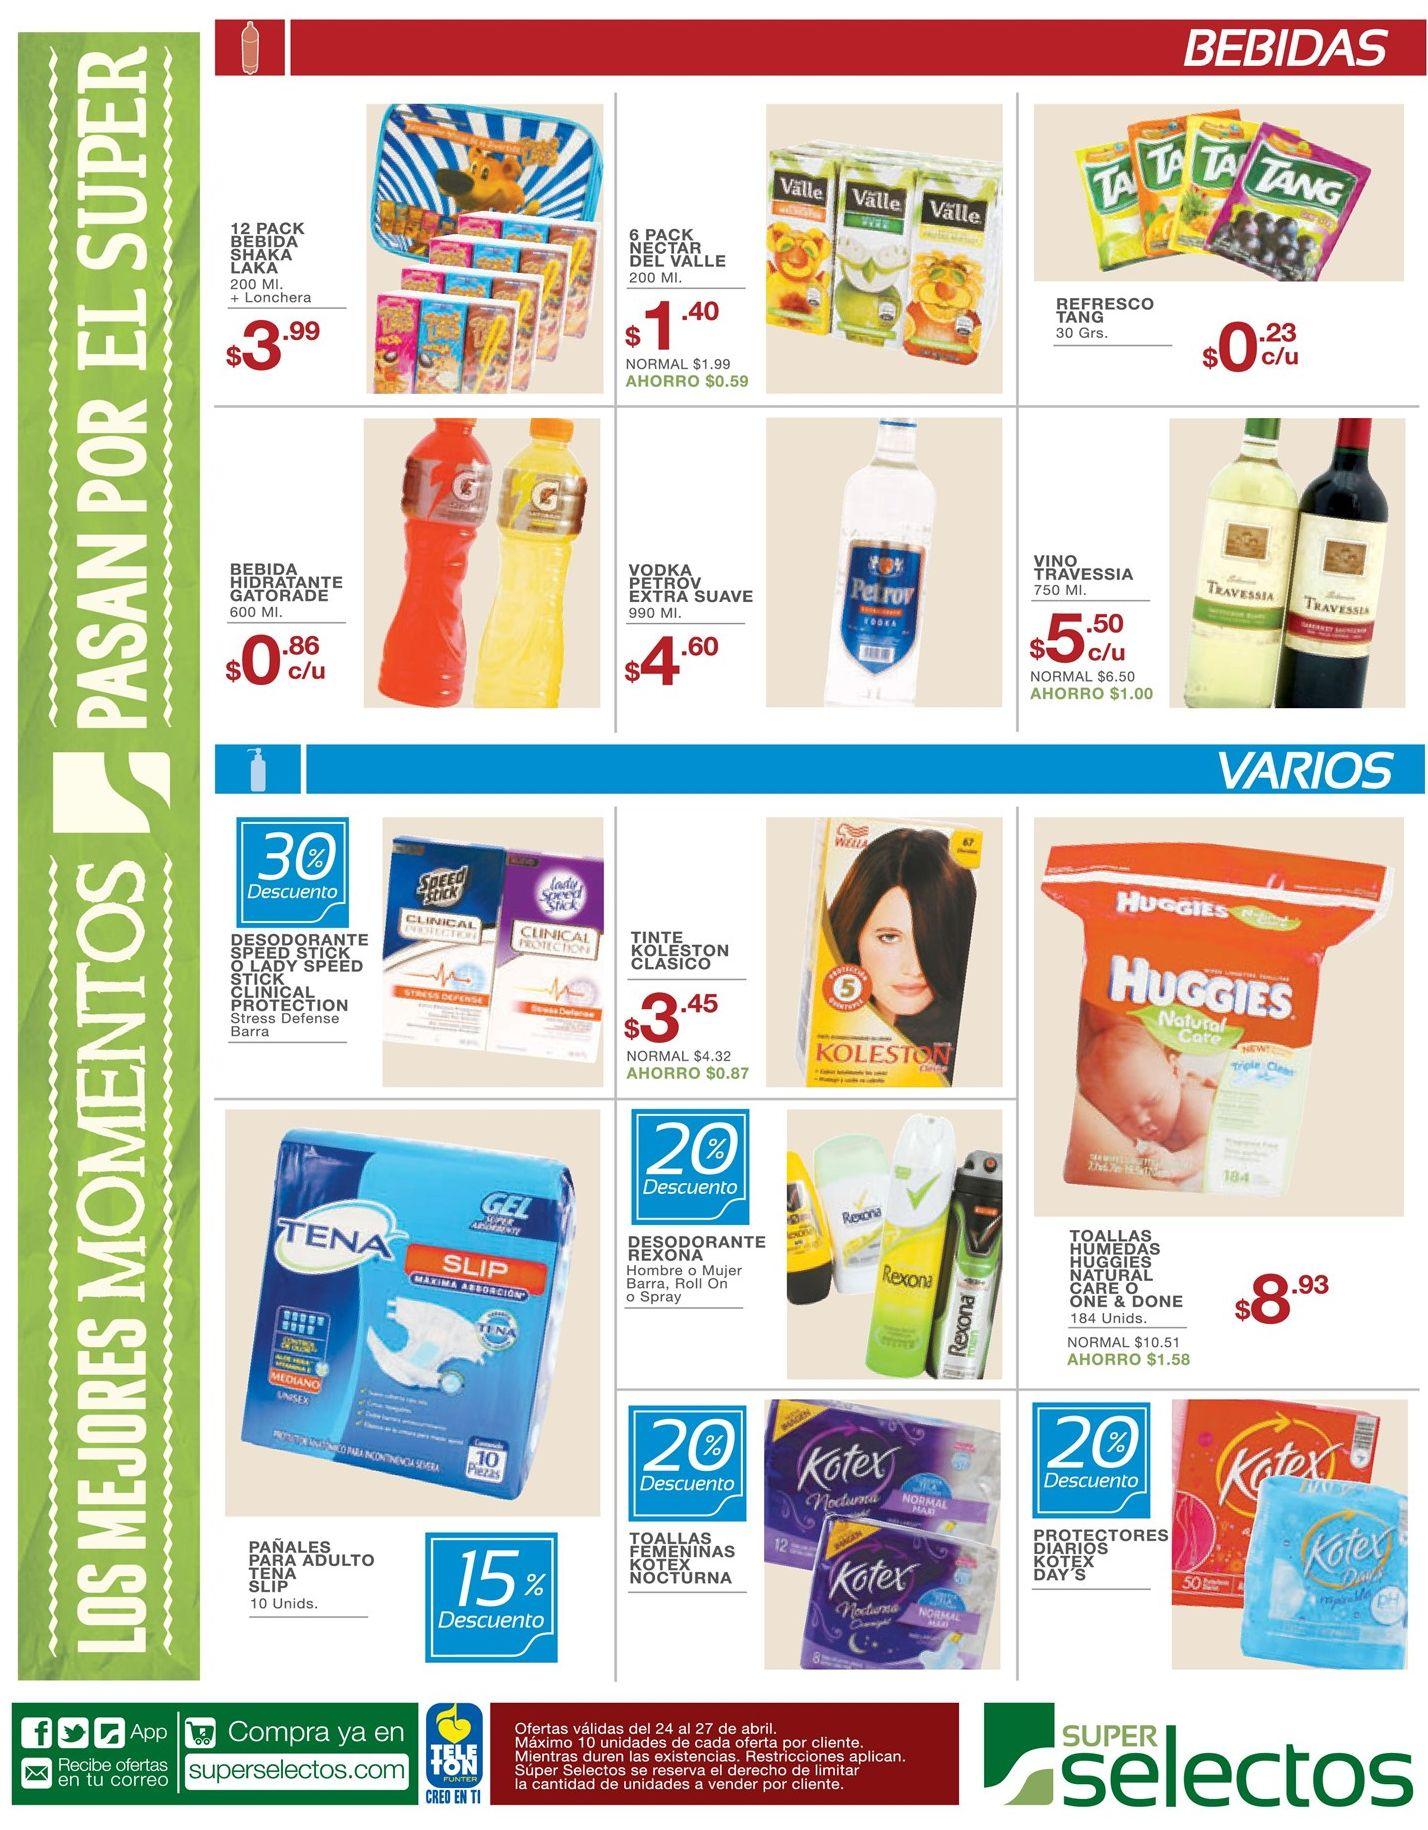 Descuentos y mas ofertas en tu supermercado - 24abr15